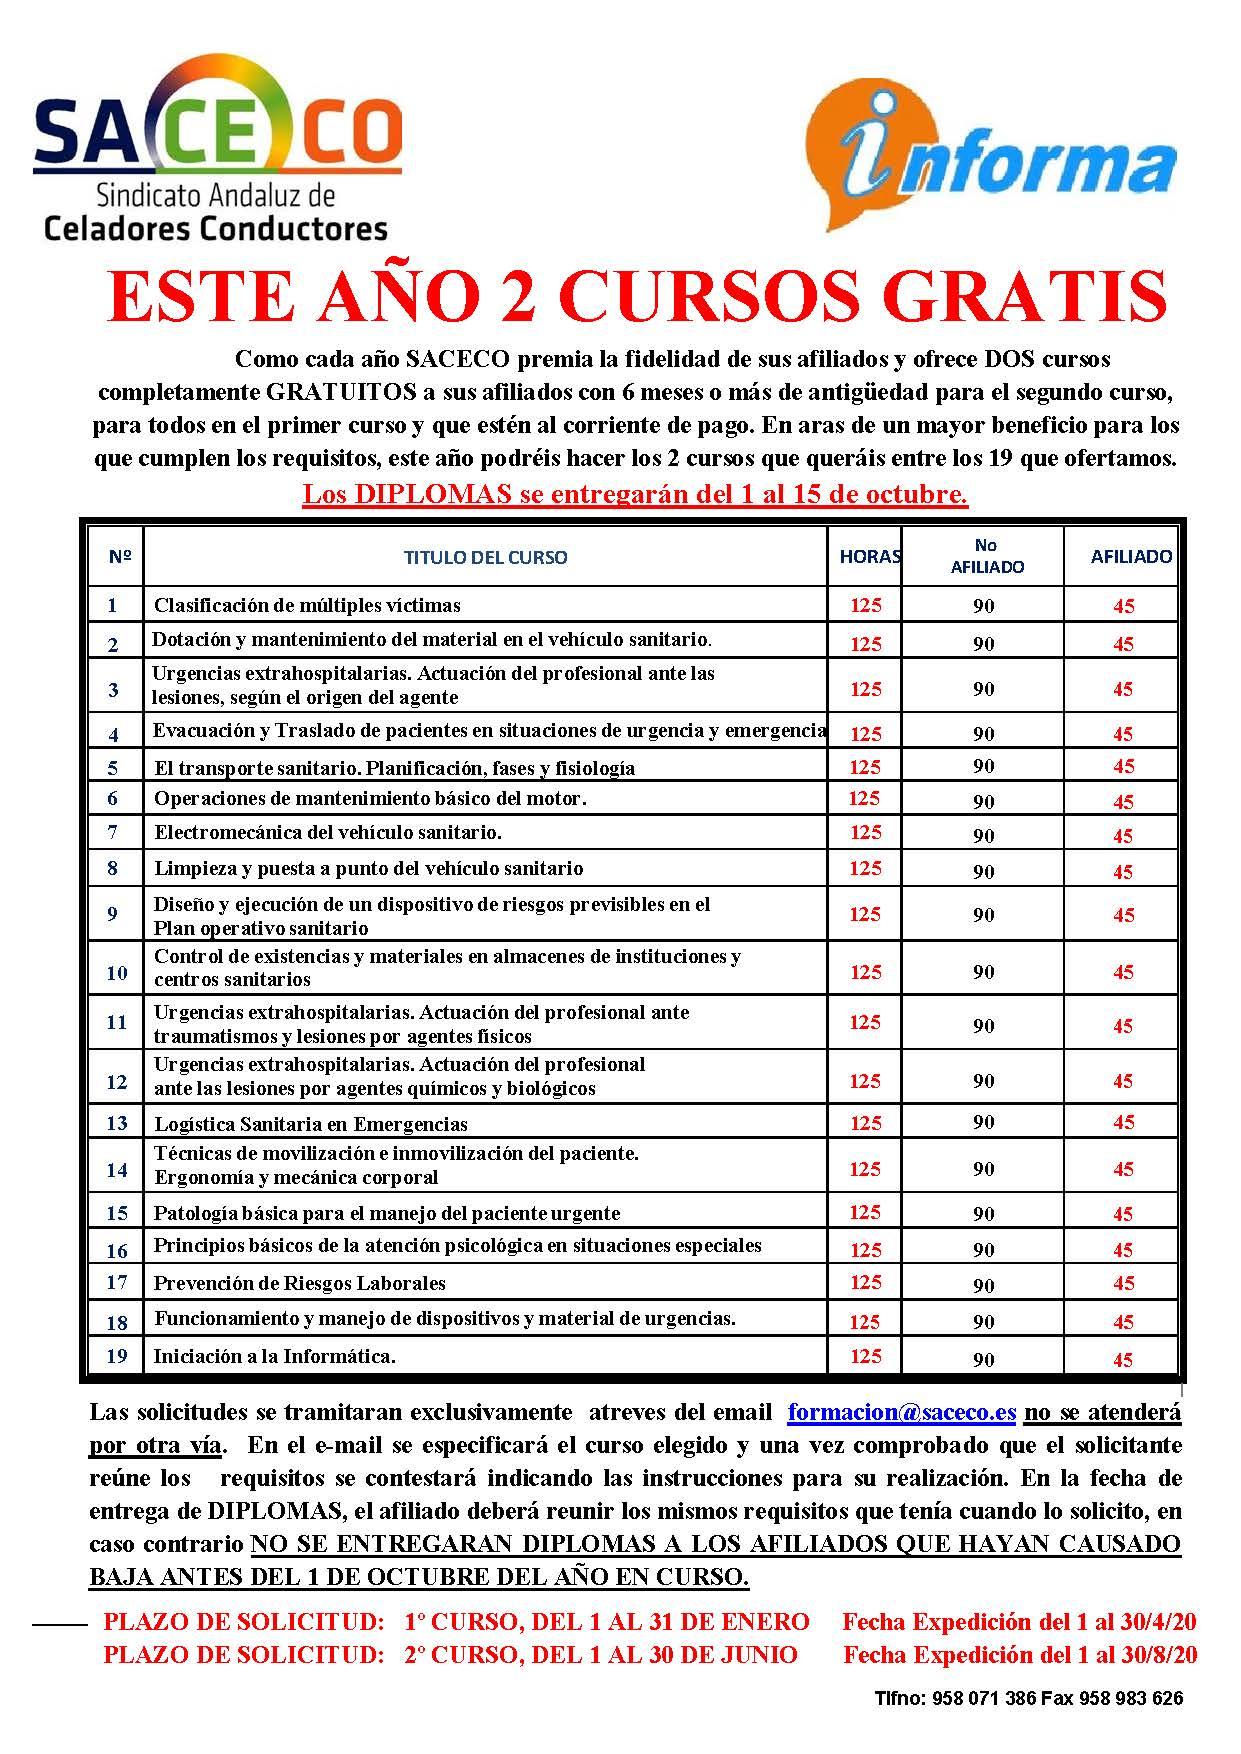 CURSO GRATIS 2020